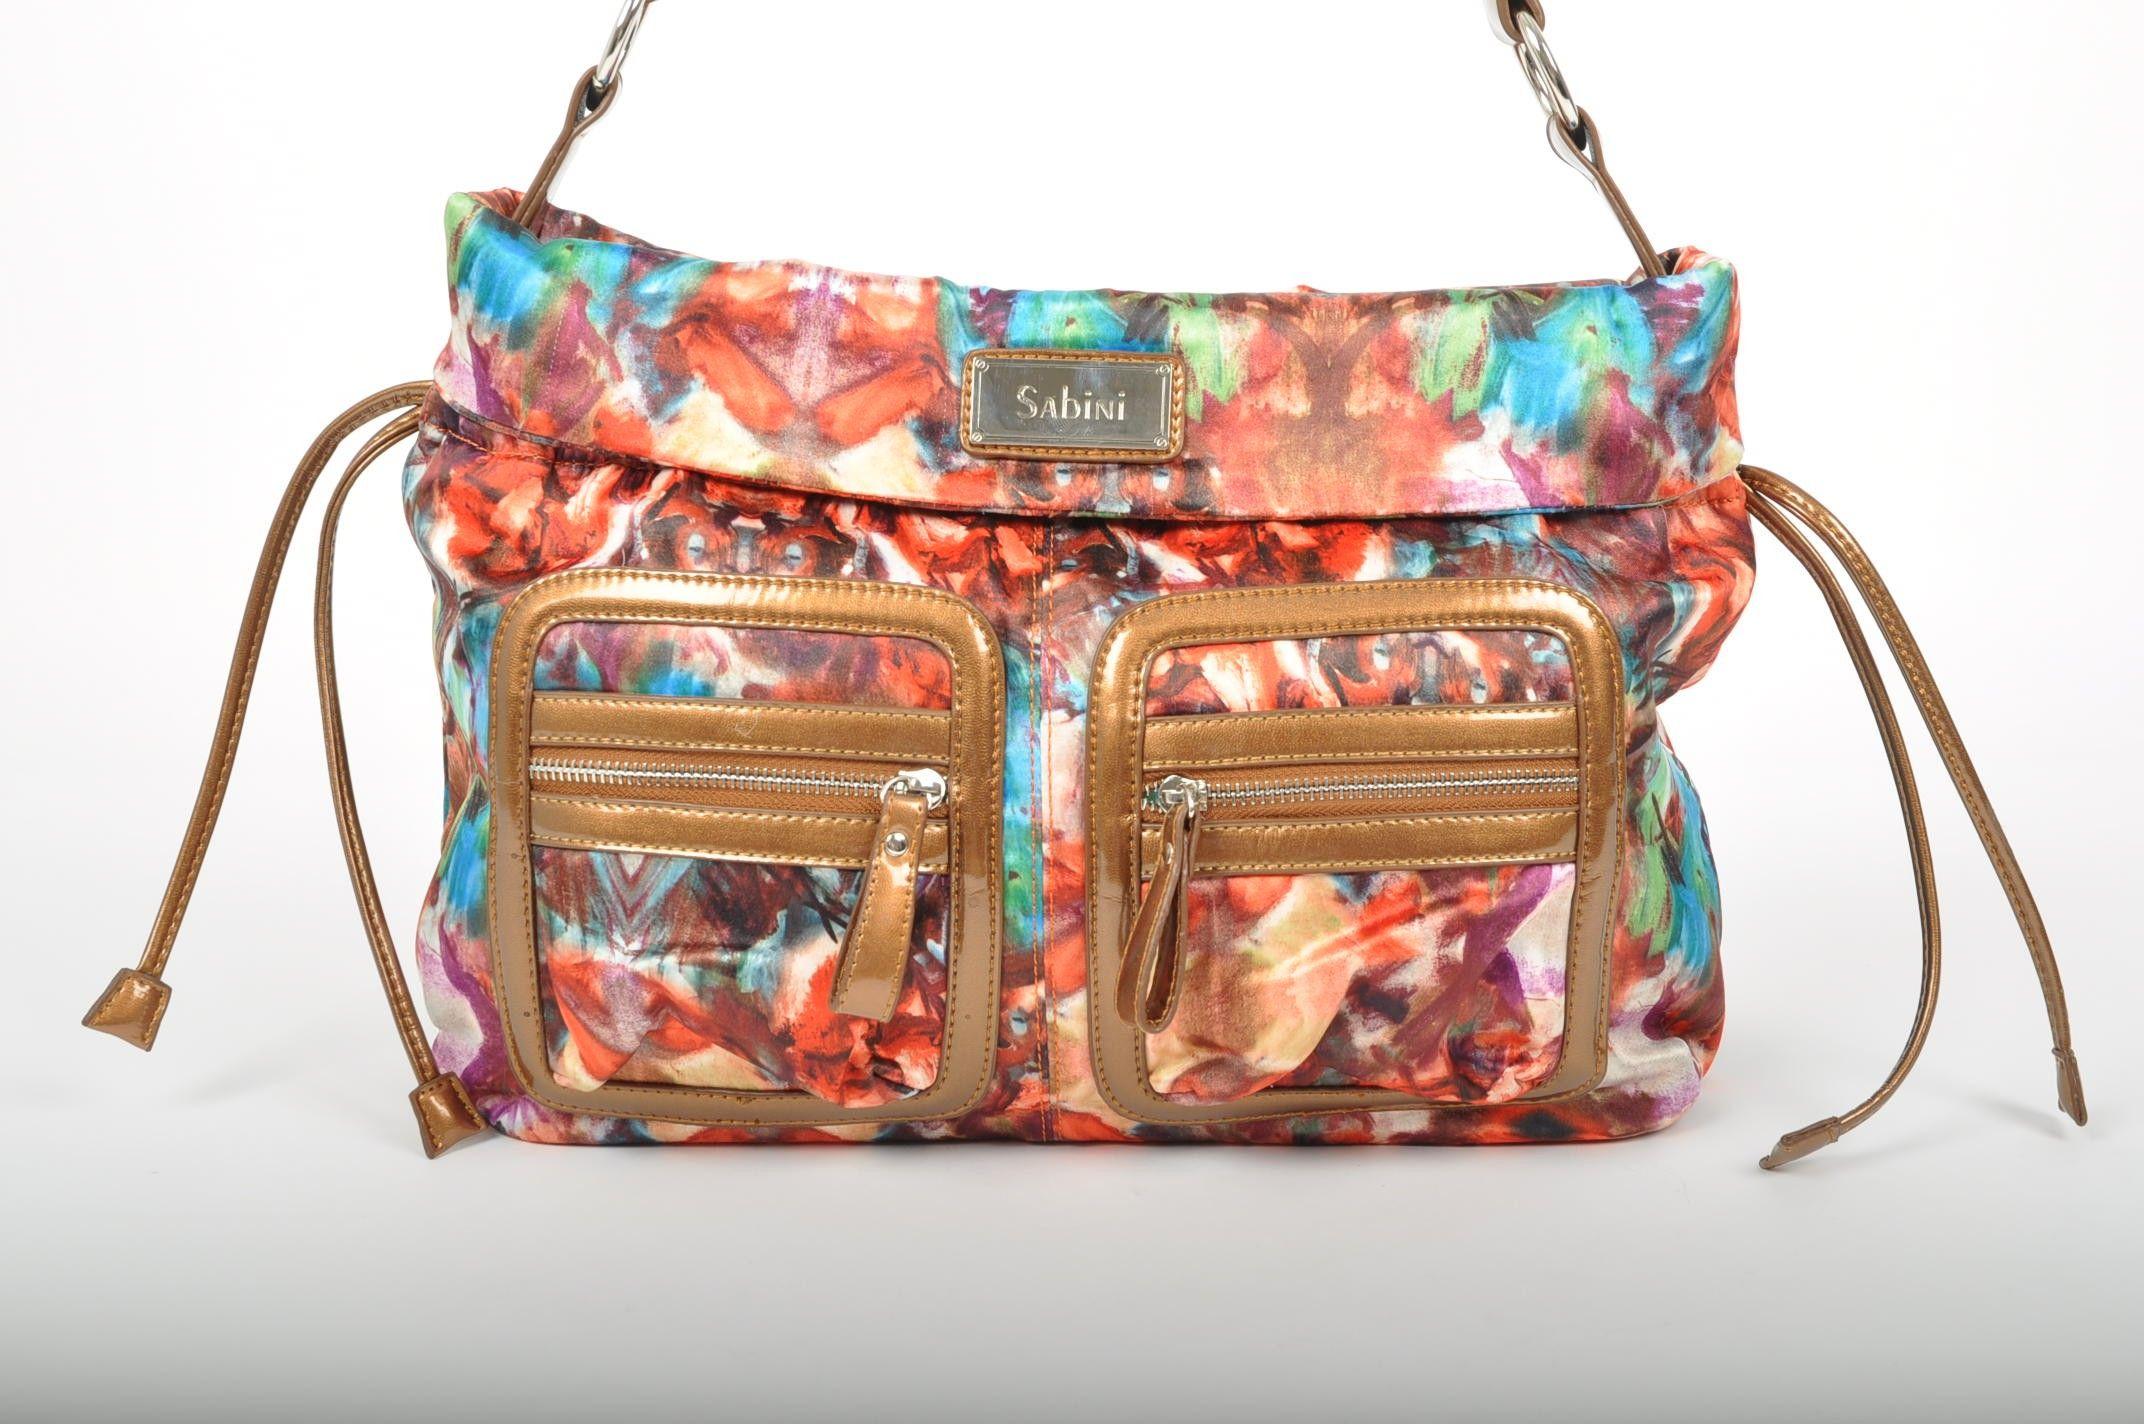 Sabini S Rachael Tote In Orange Multi Handbags Online Print Patterns Backpacks